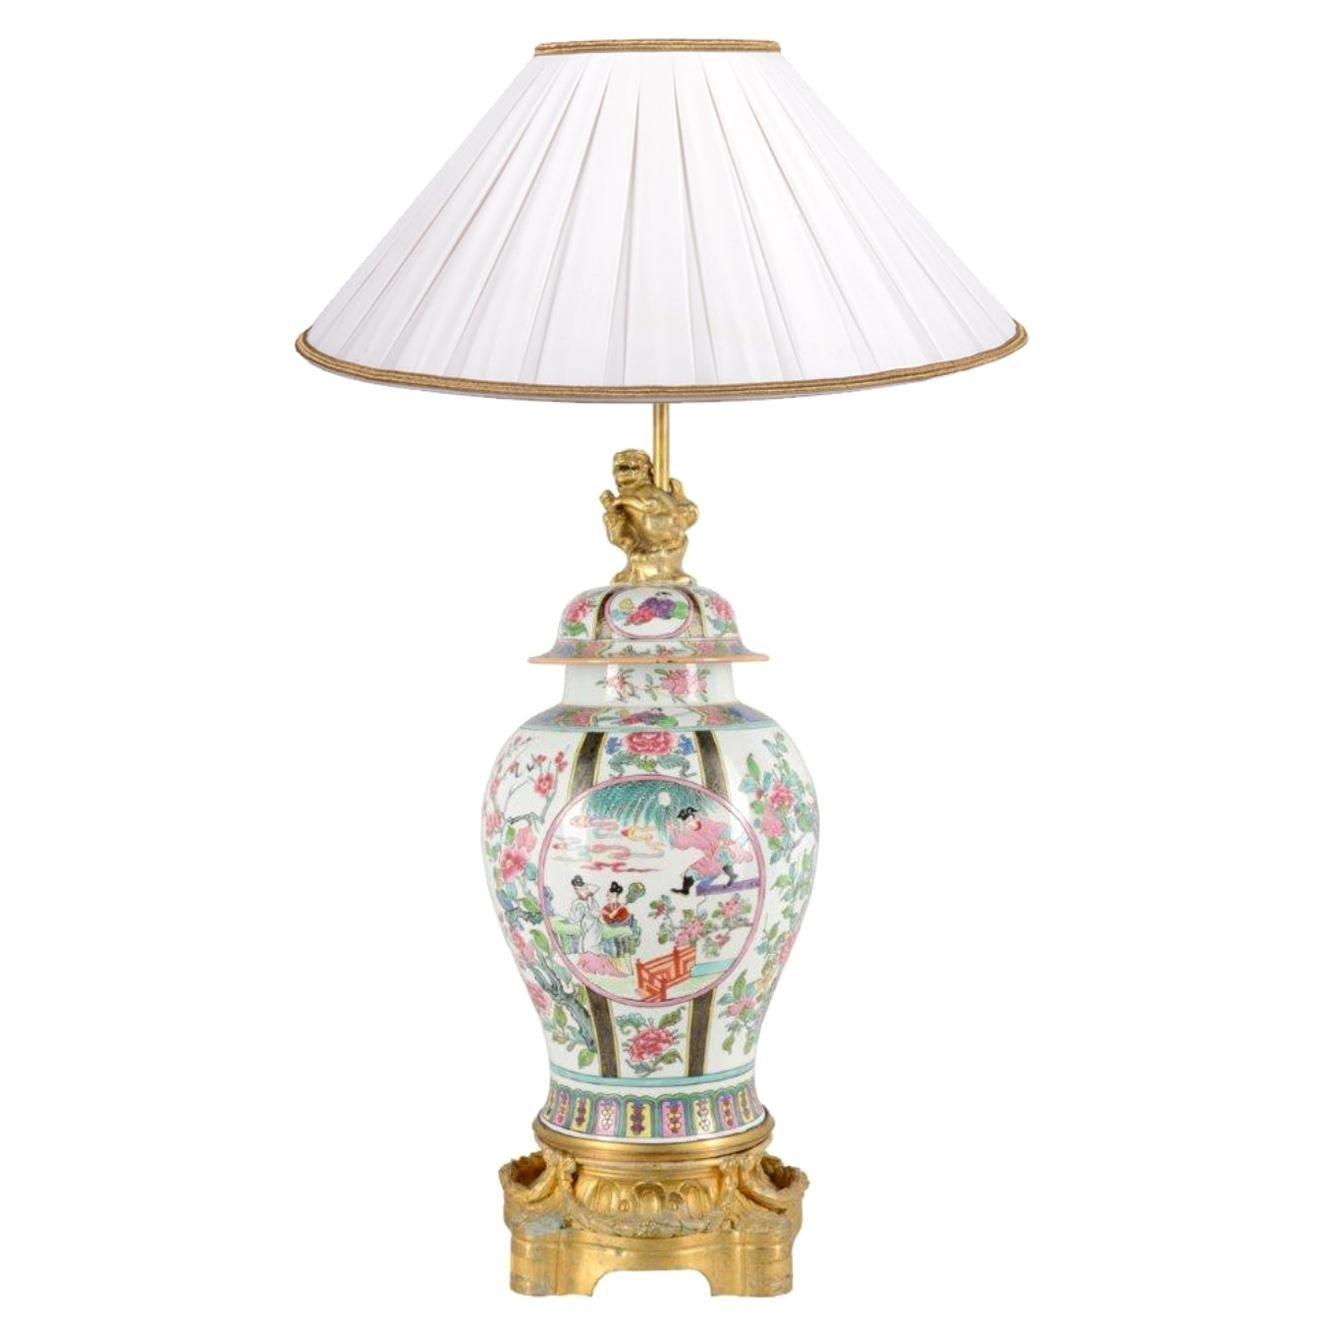 19th Century Famille Rose Style Samson Porcelain Vase / Lamp